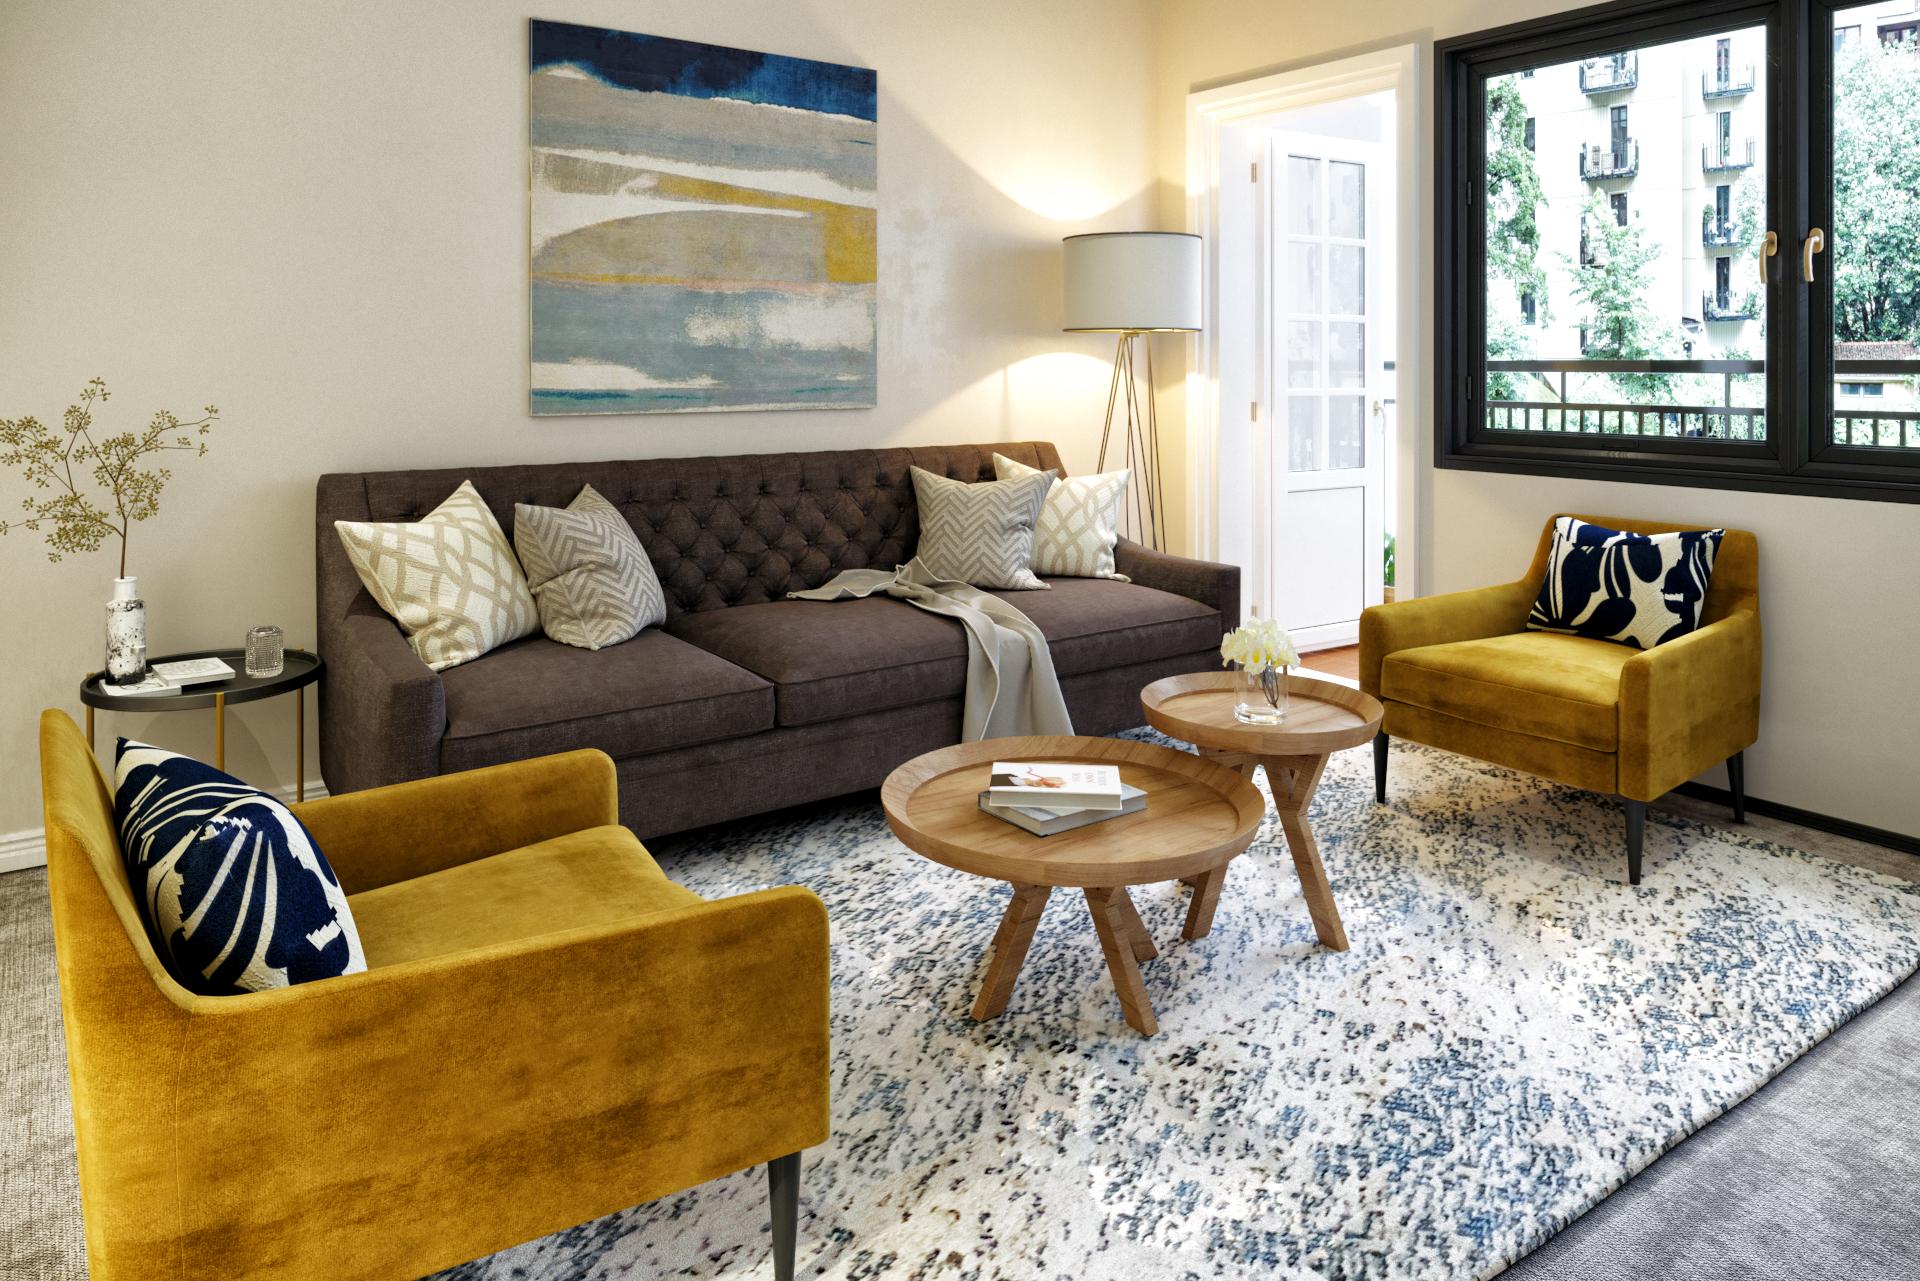 livingroomexample